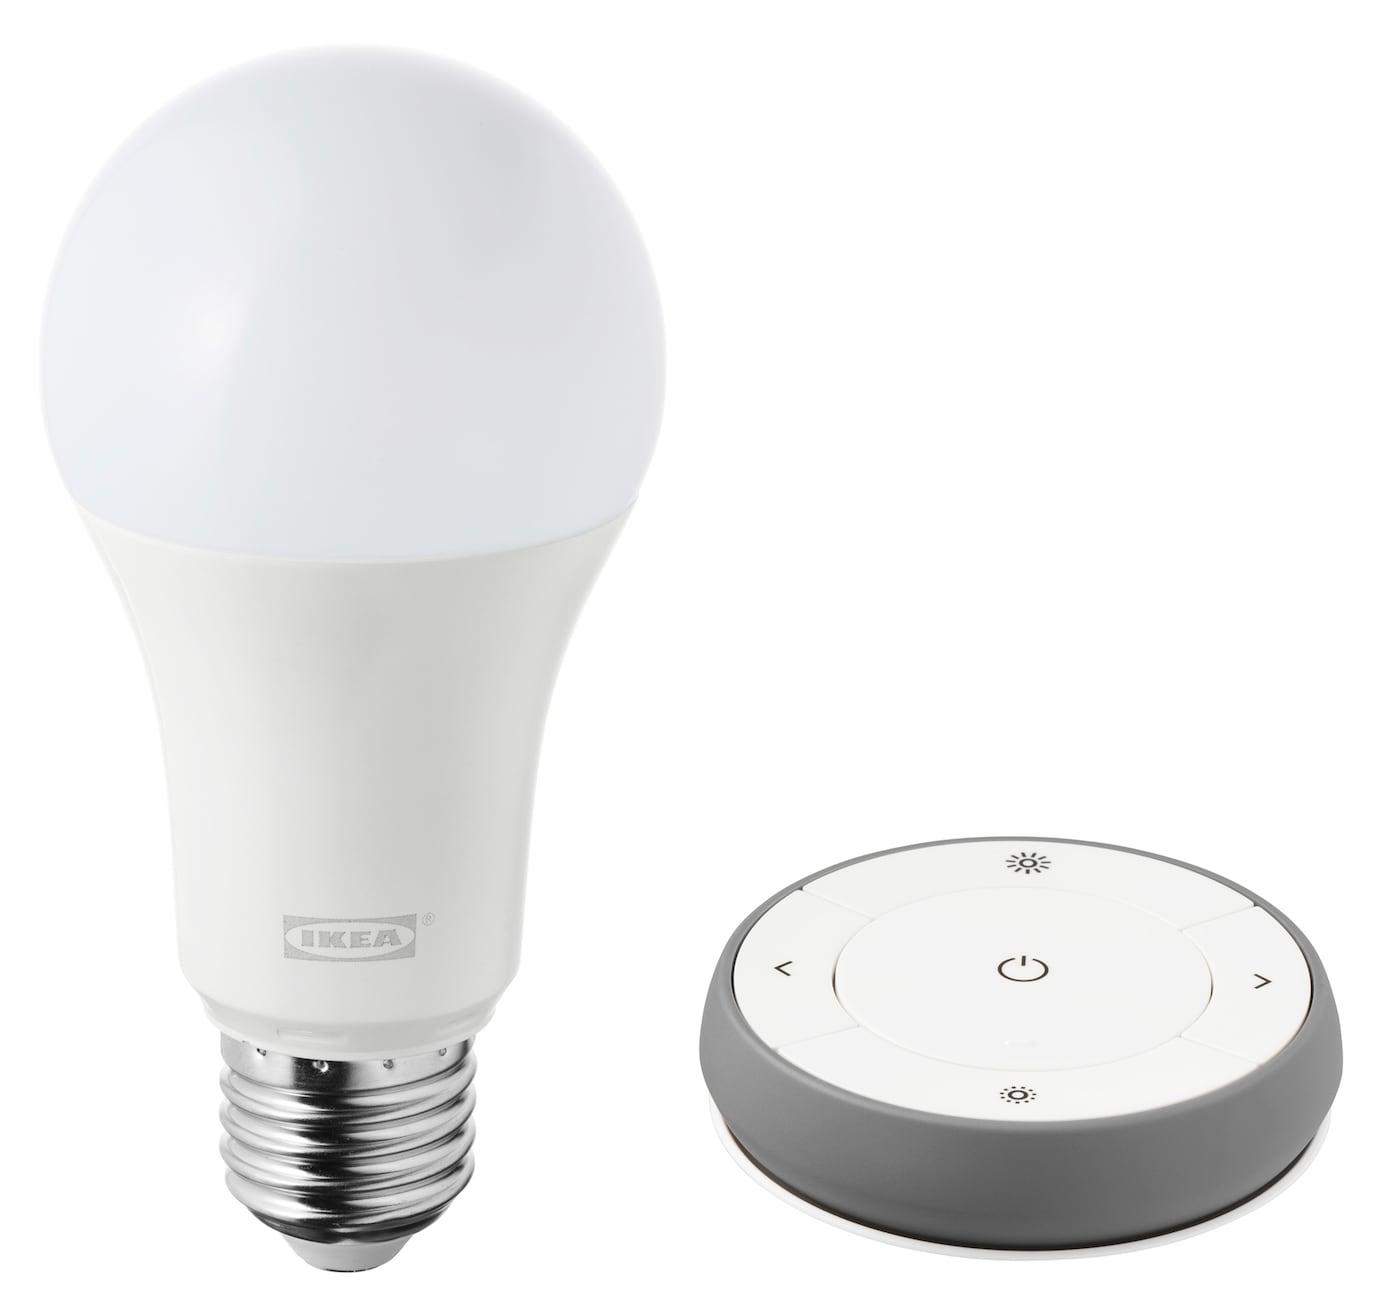 Kit regulador de intensidade TRÅDFRI, espectro branco, inclui uma lâmpada LED e comando.